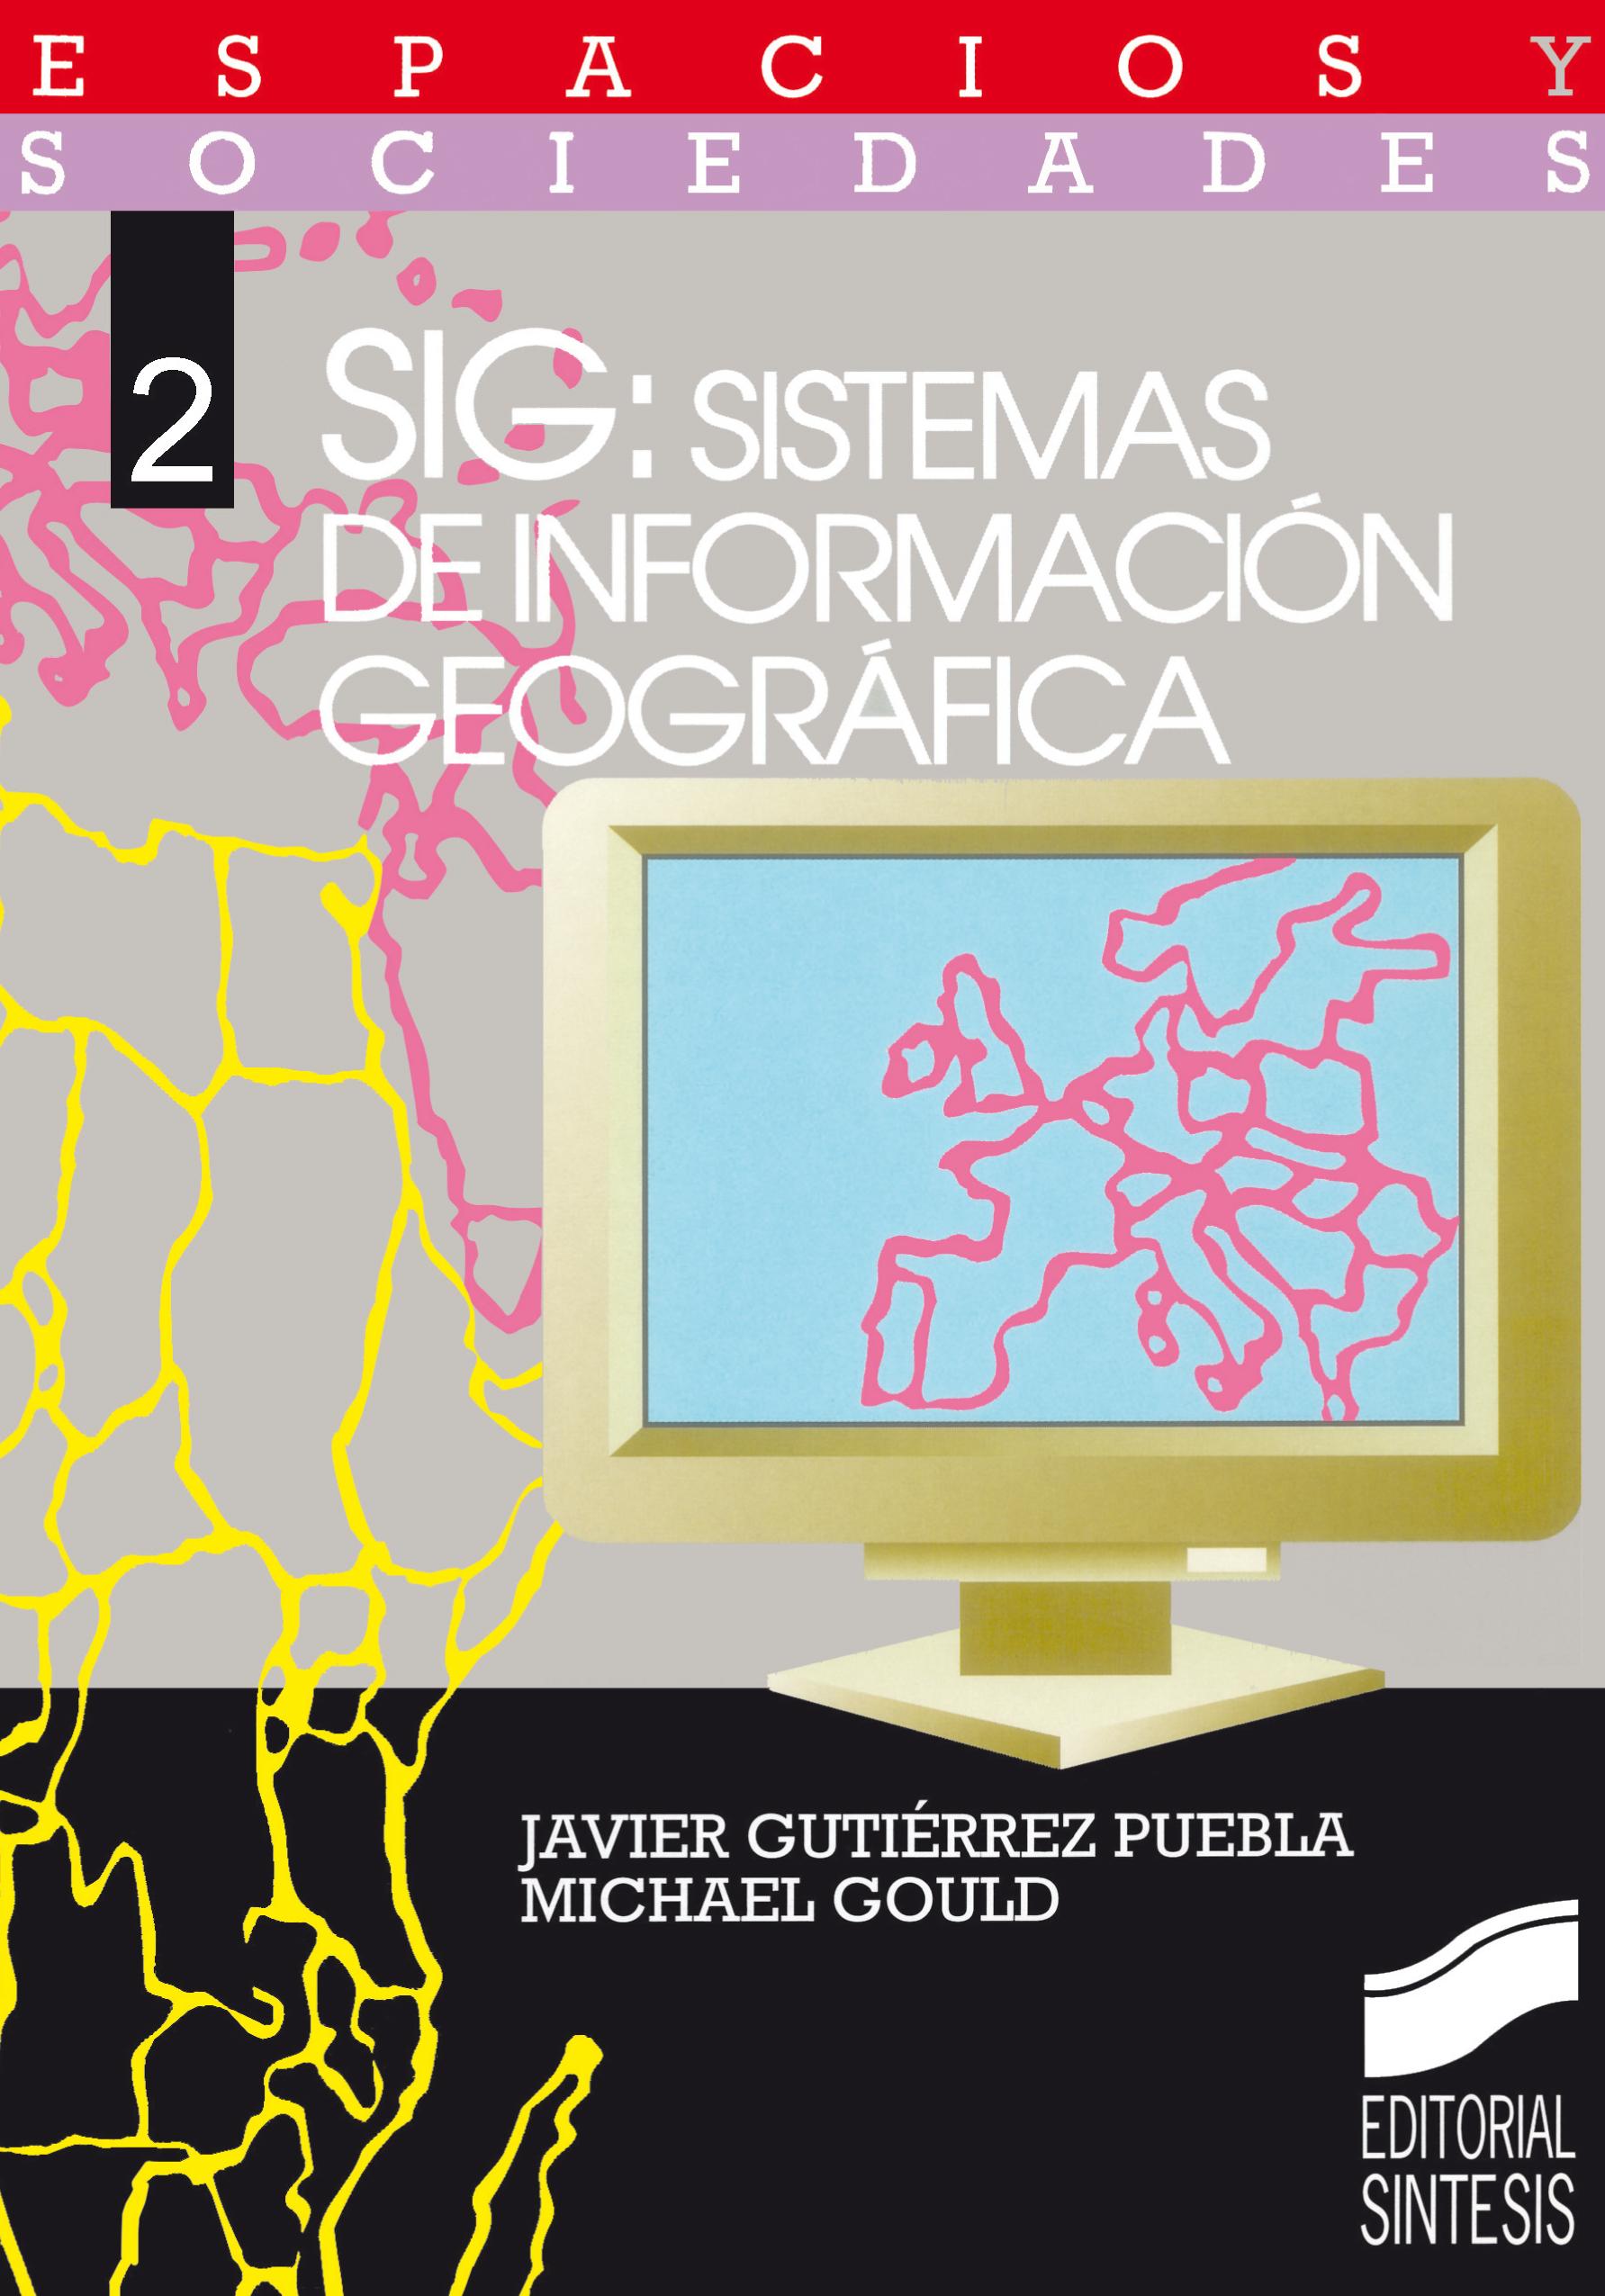 SIG: Sistemas de Información Geográfica